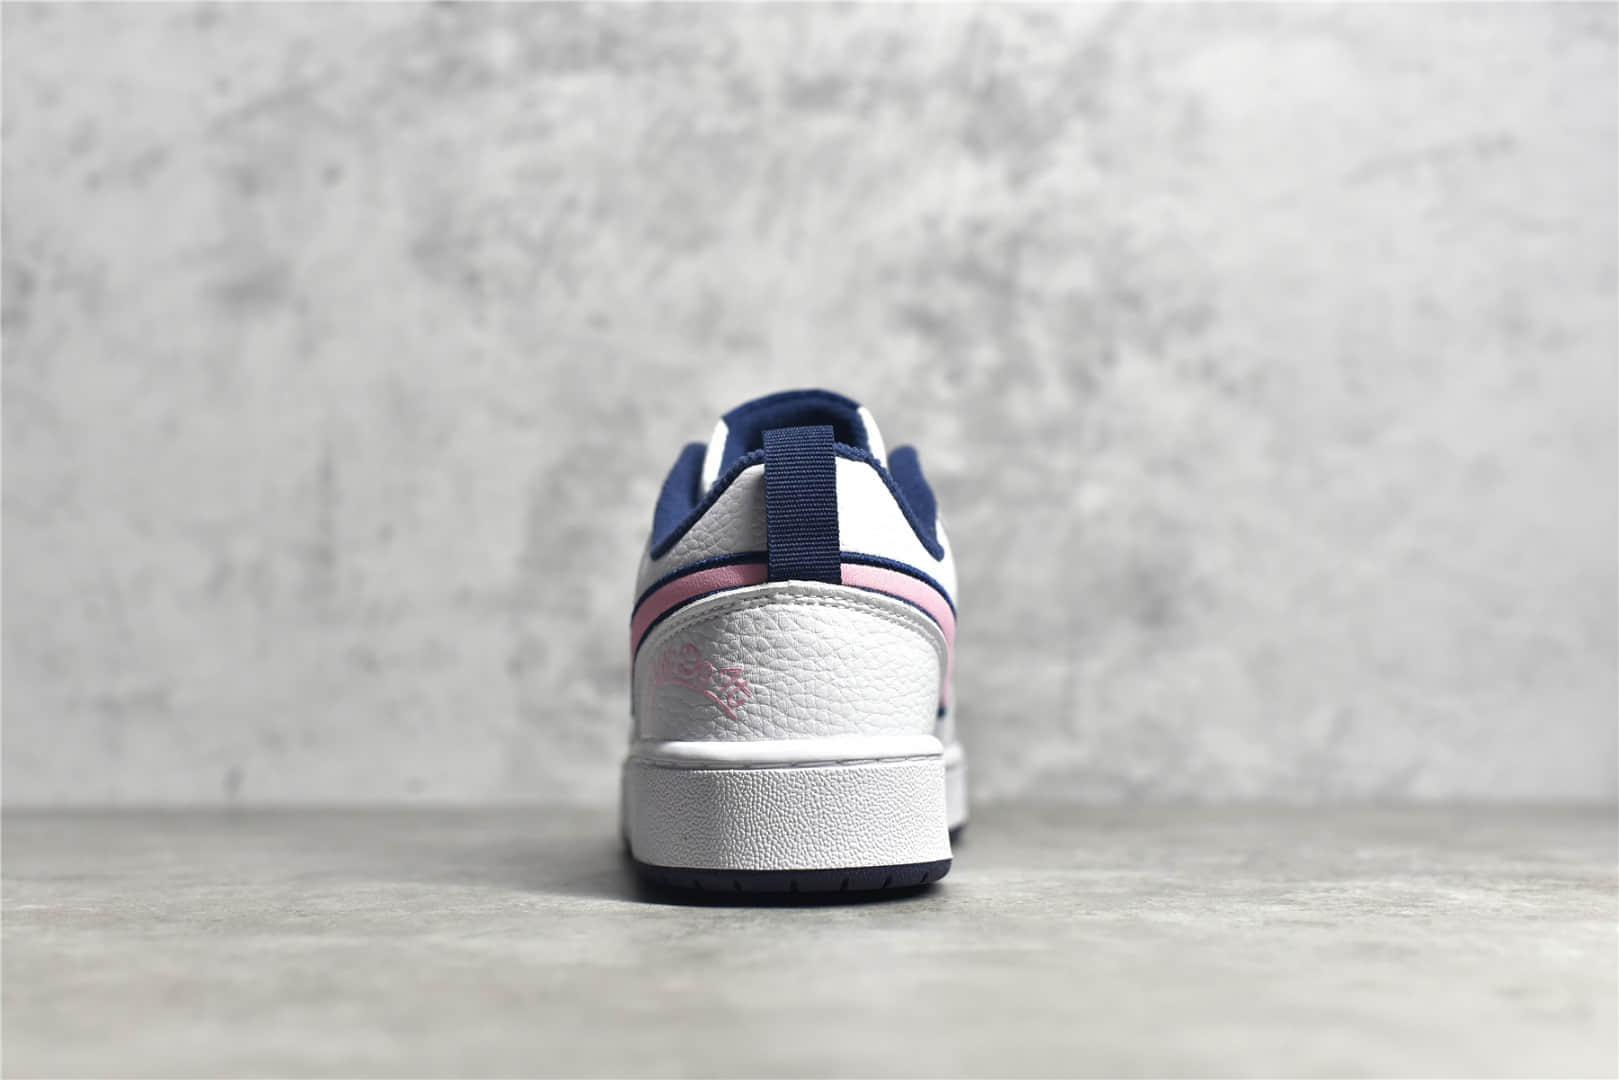 耐克Court 白色鞋面粉色勾低帮 Nike Court Borough Low 2 耐克荔枝皮白色低帮板鞋 货号:DB3090-100-潮流者之家